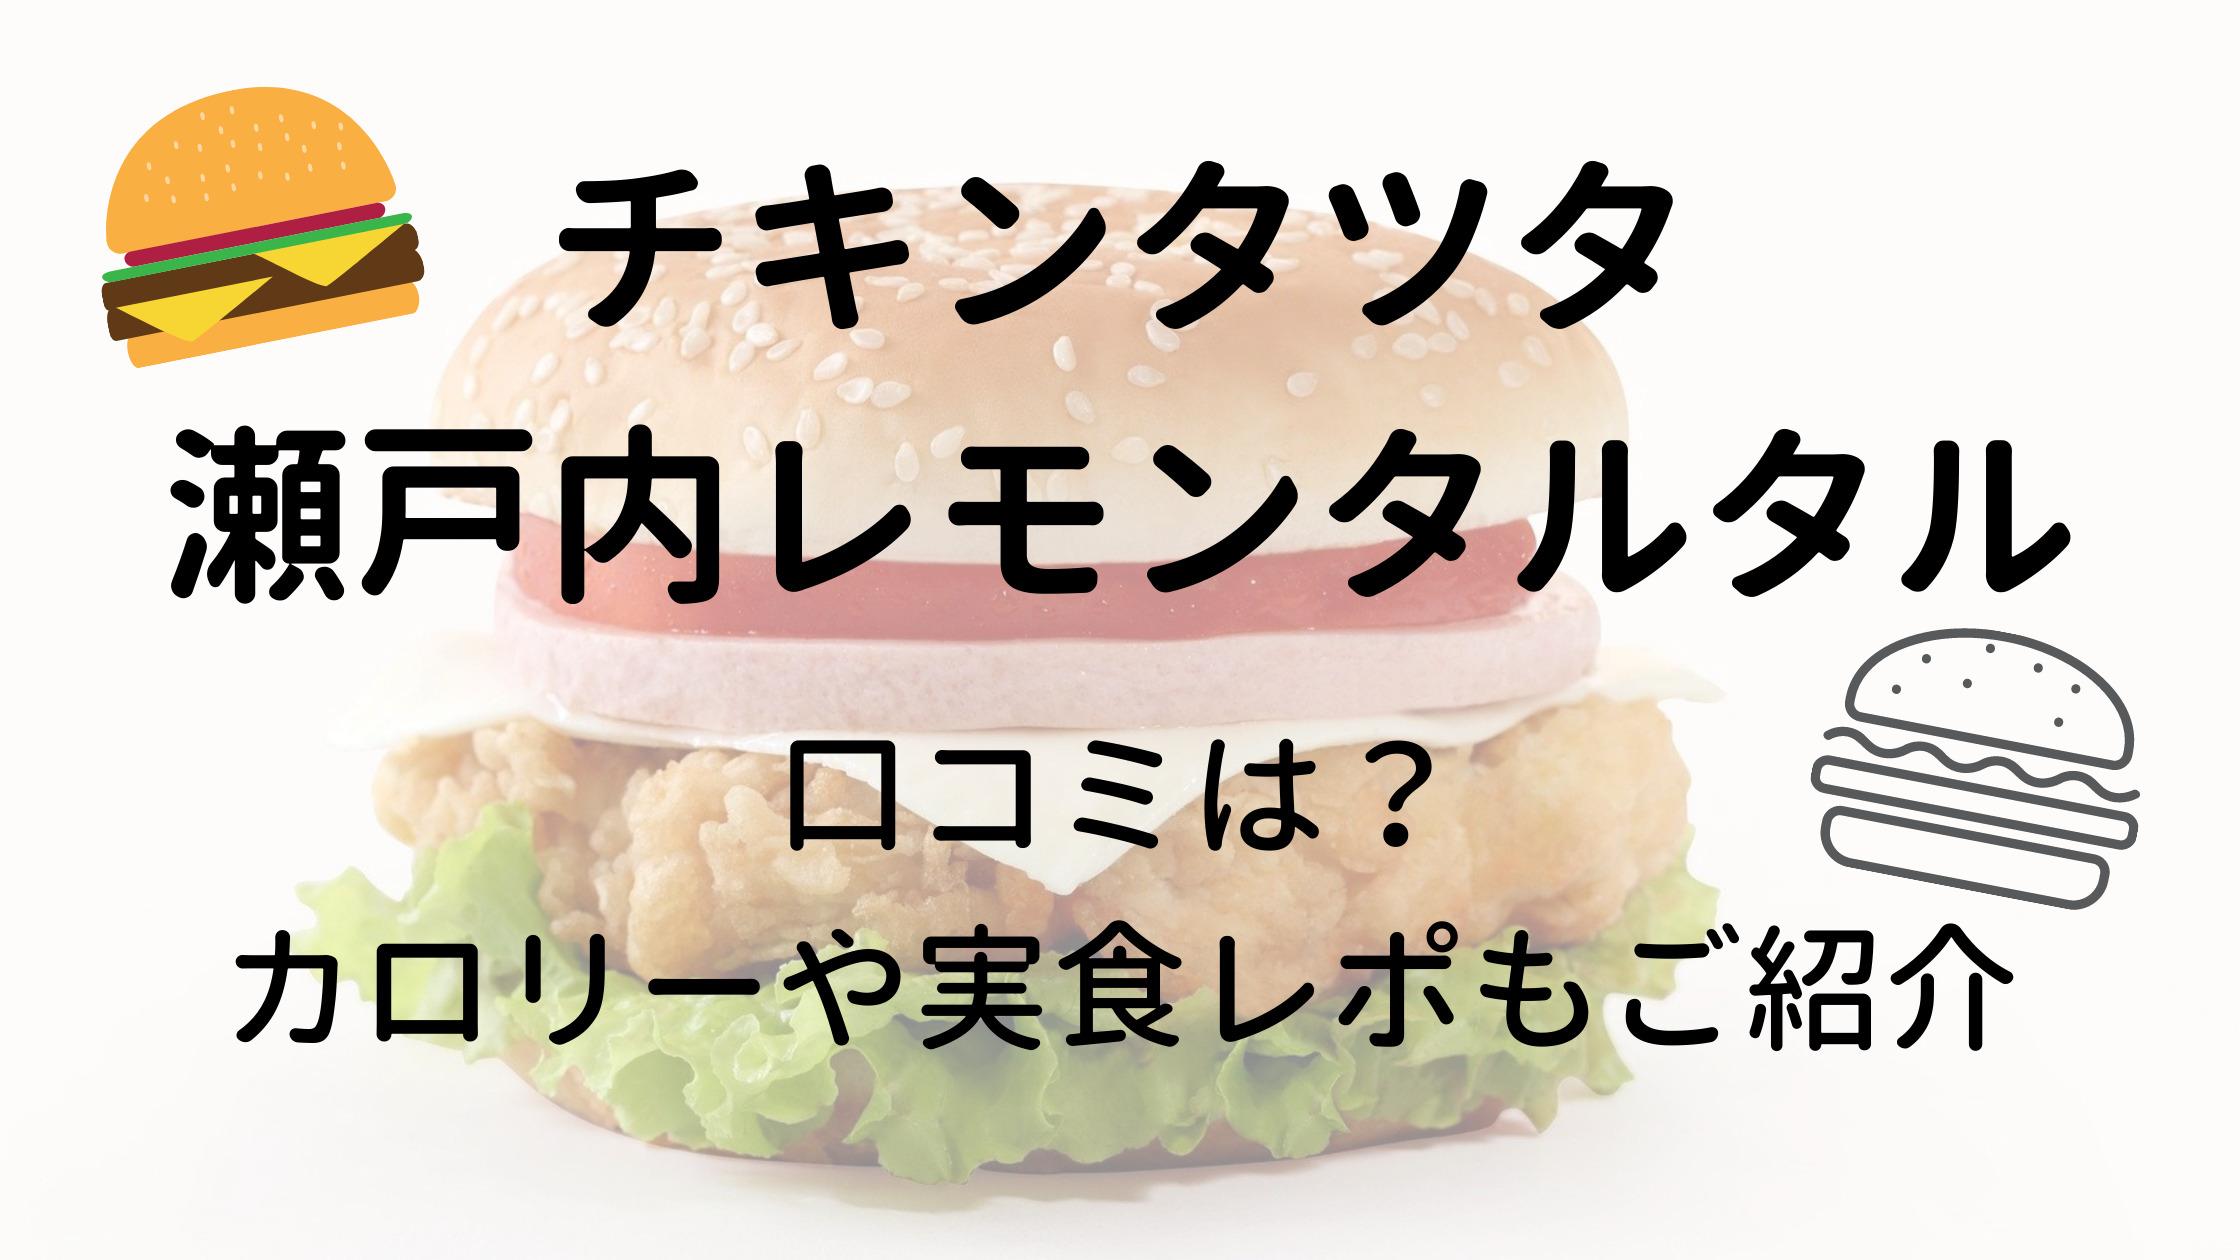 タルタル 瀬戸内 レモン マクドナルドの新商品!チキンタツタ瀬戸内レモンタルタルを食べてみた【感想・口コミは?】